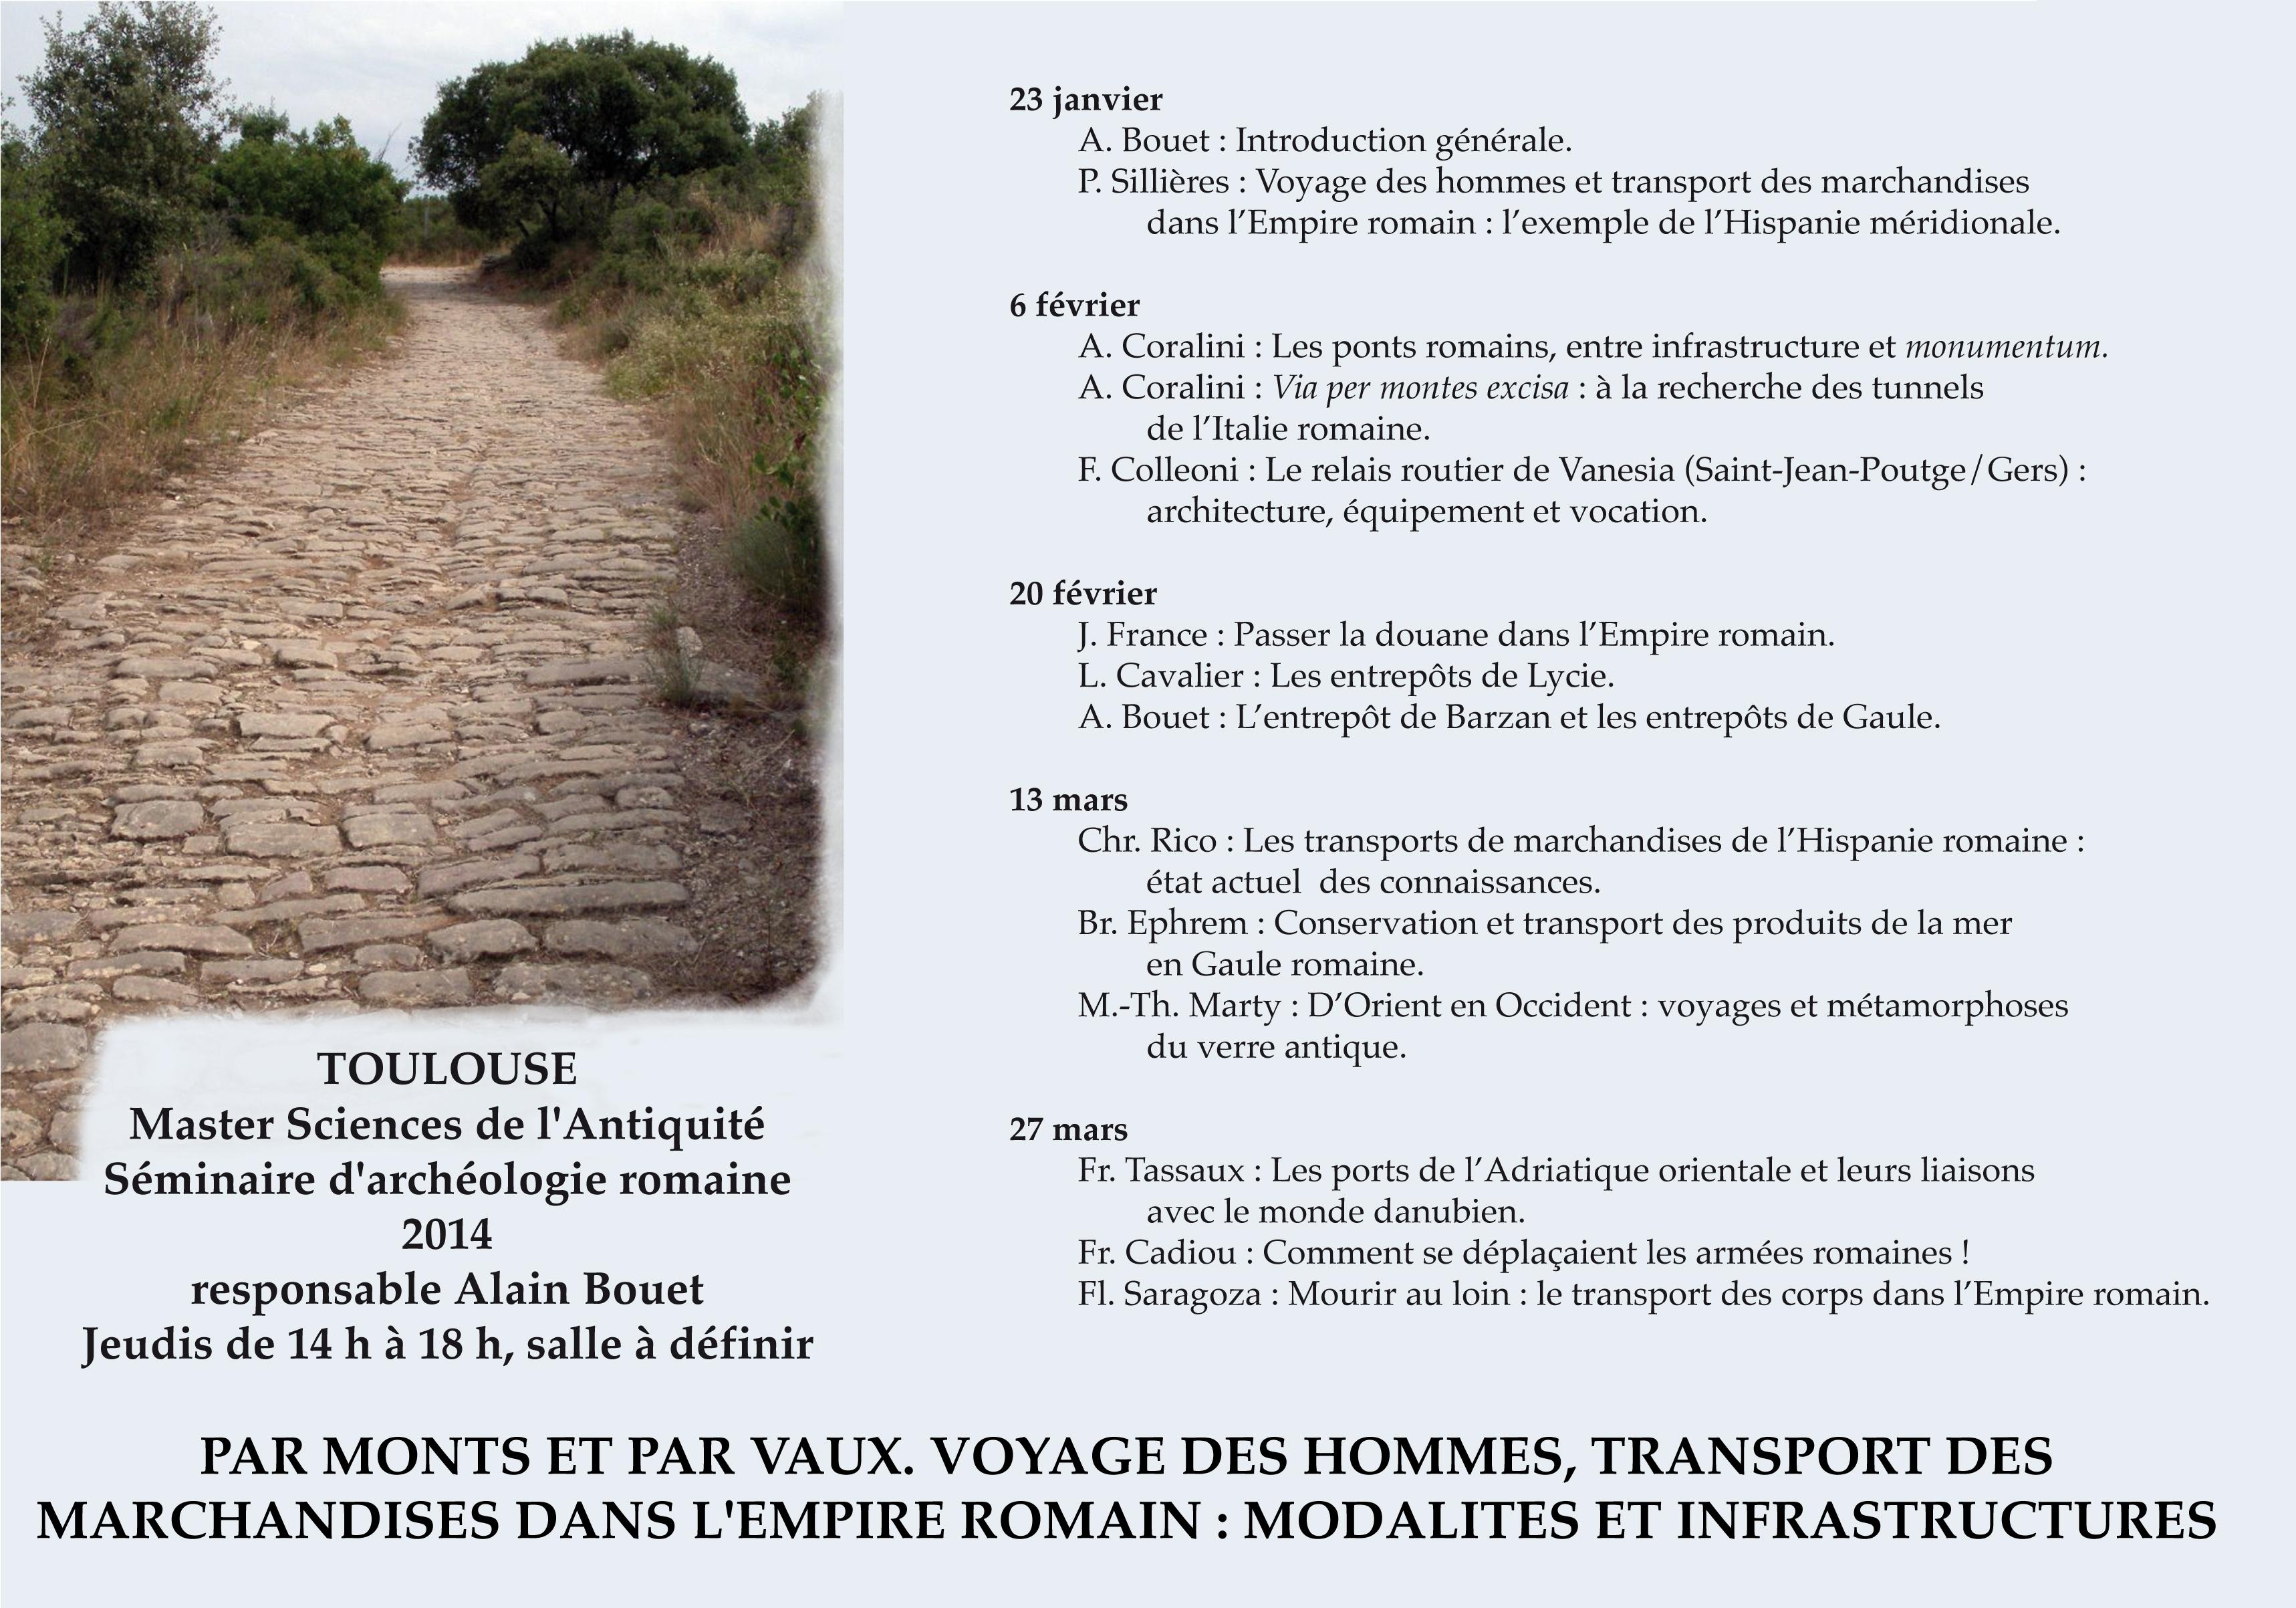 seminaire-archeo-romaine-2013-14.JPG